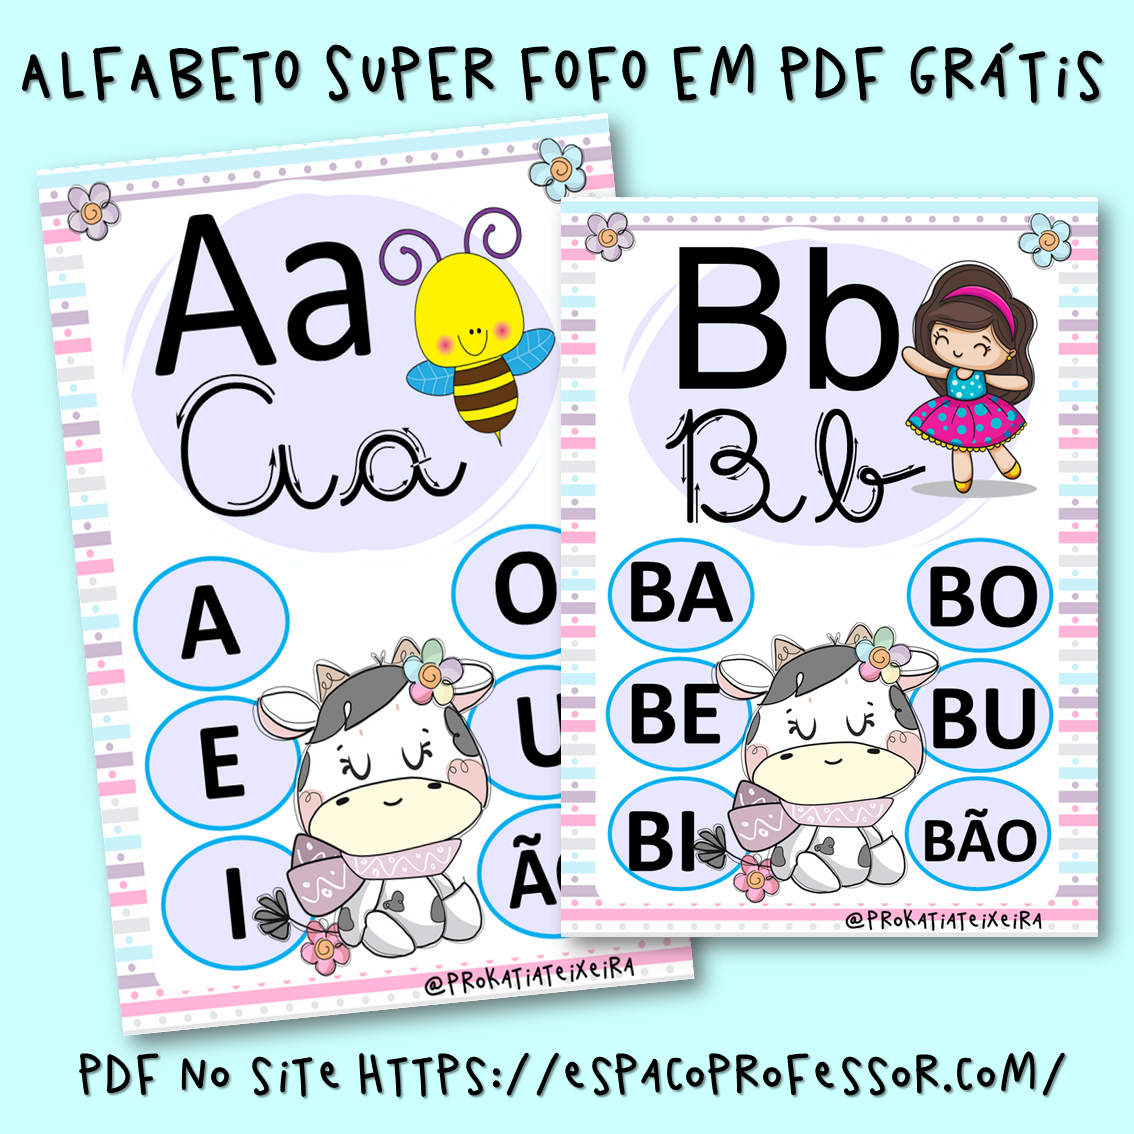 Alfabeto para Imprimir em PDF super fofo grátis